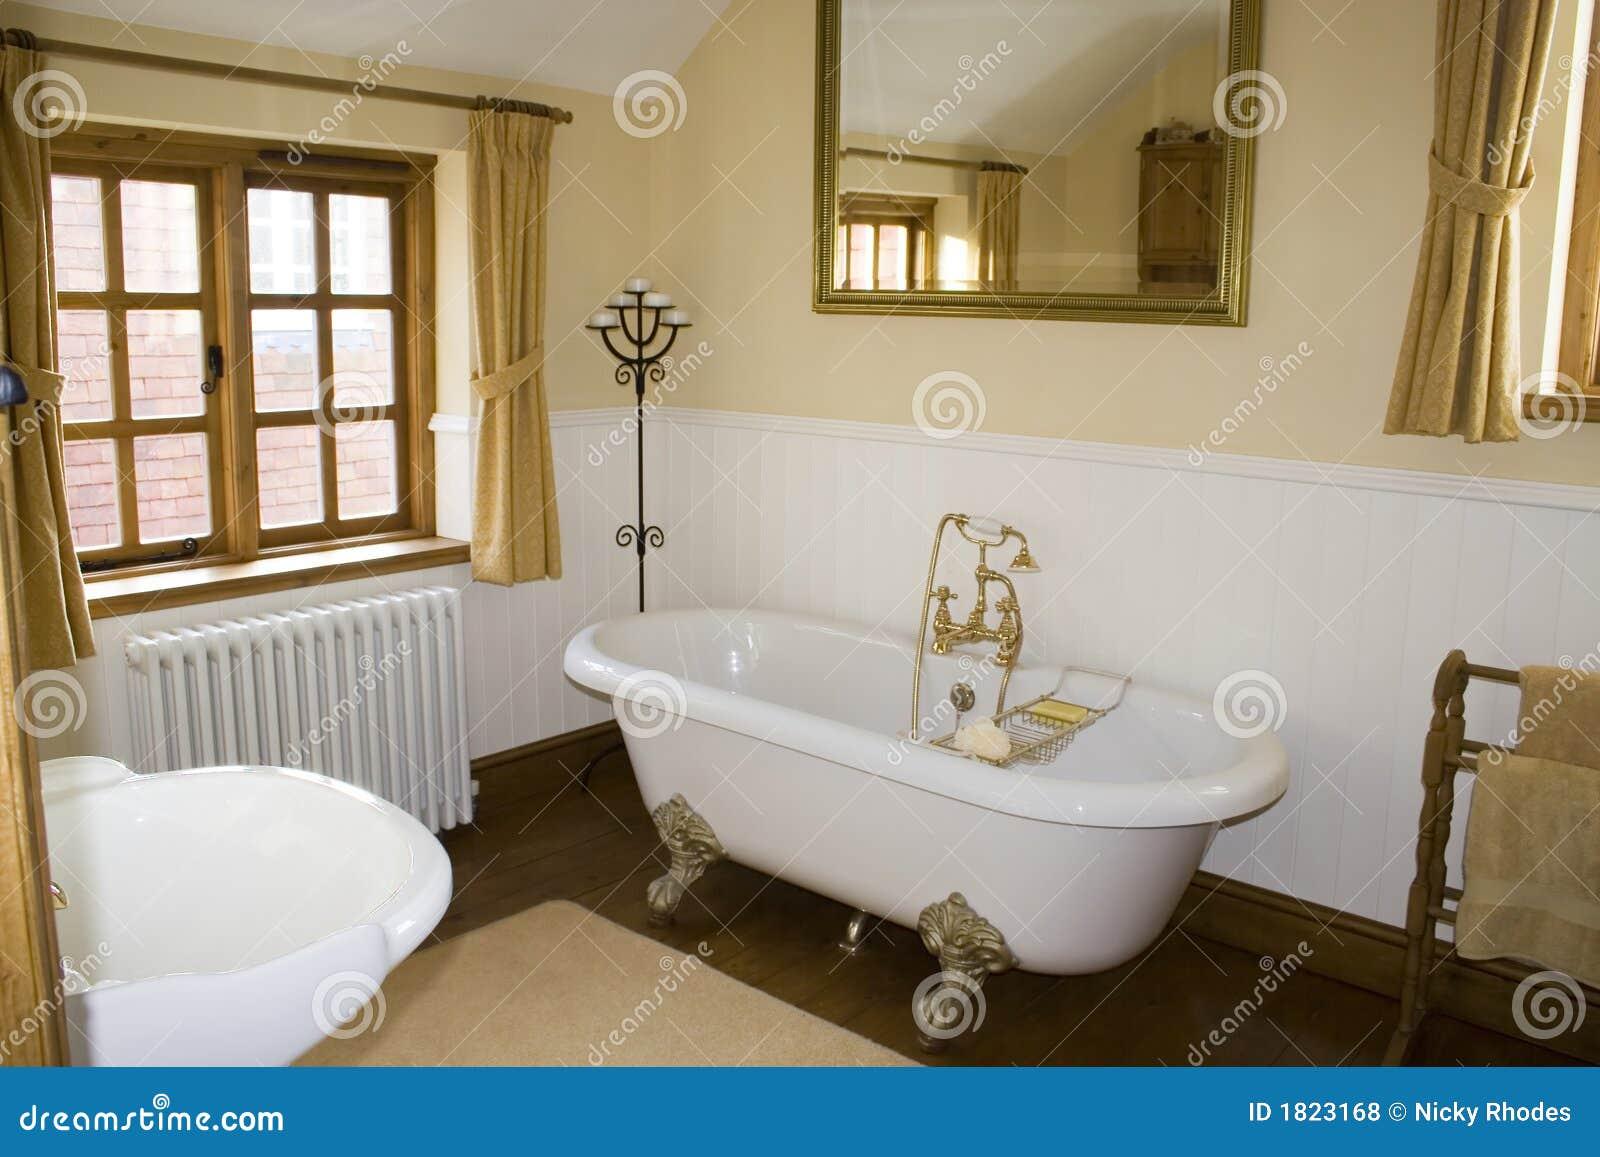 Bagni Di Lusso Foto : Stanza da bagno di lusso fotografia stock immagine di cottage